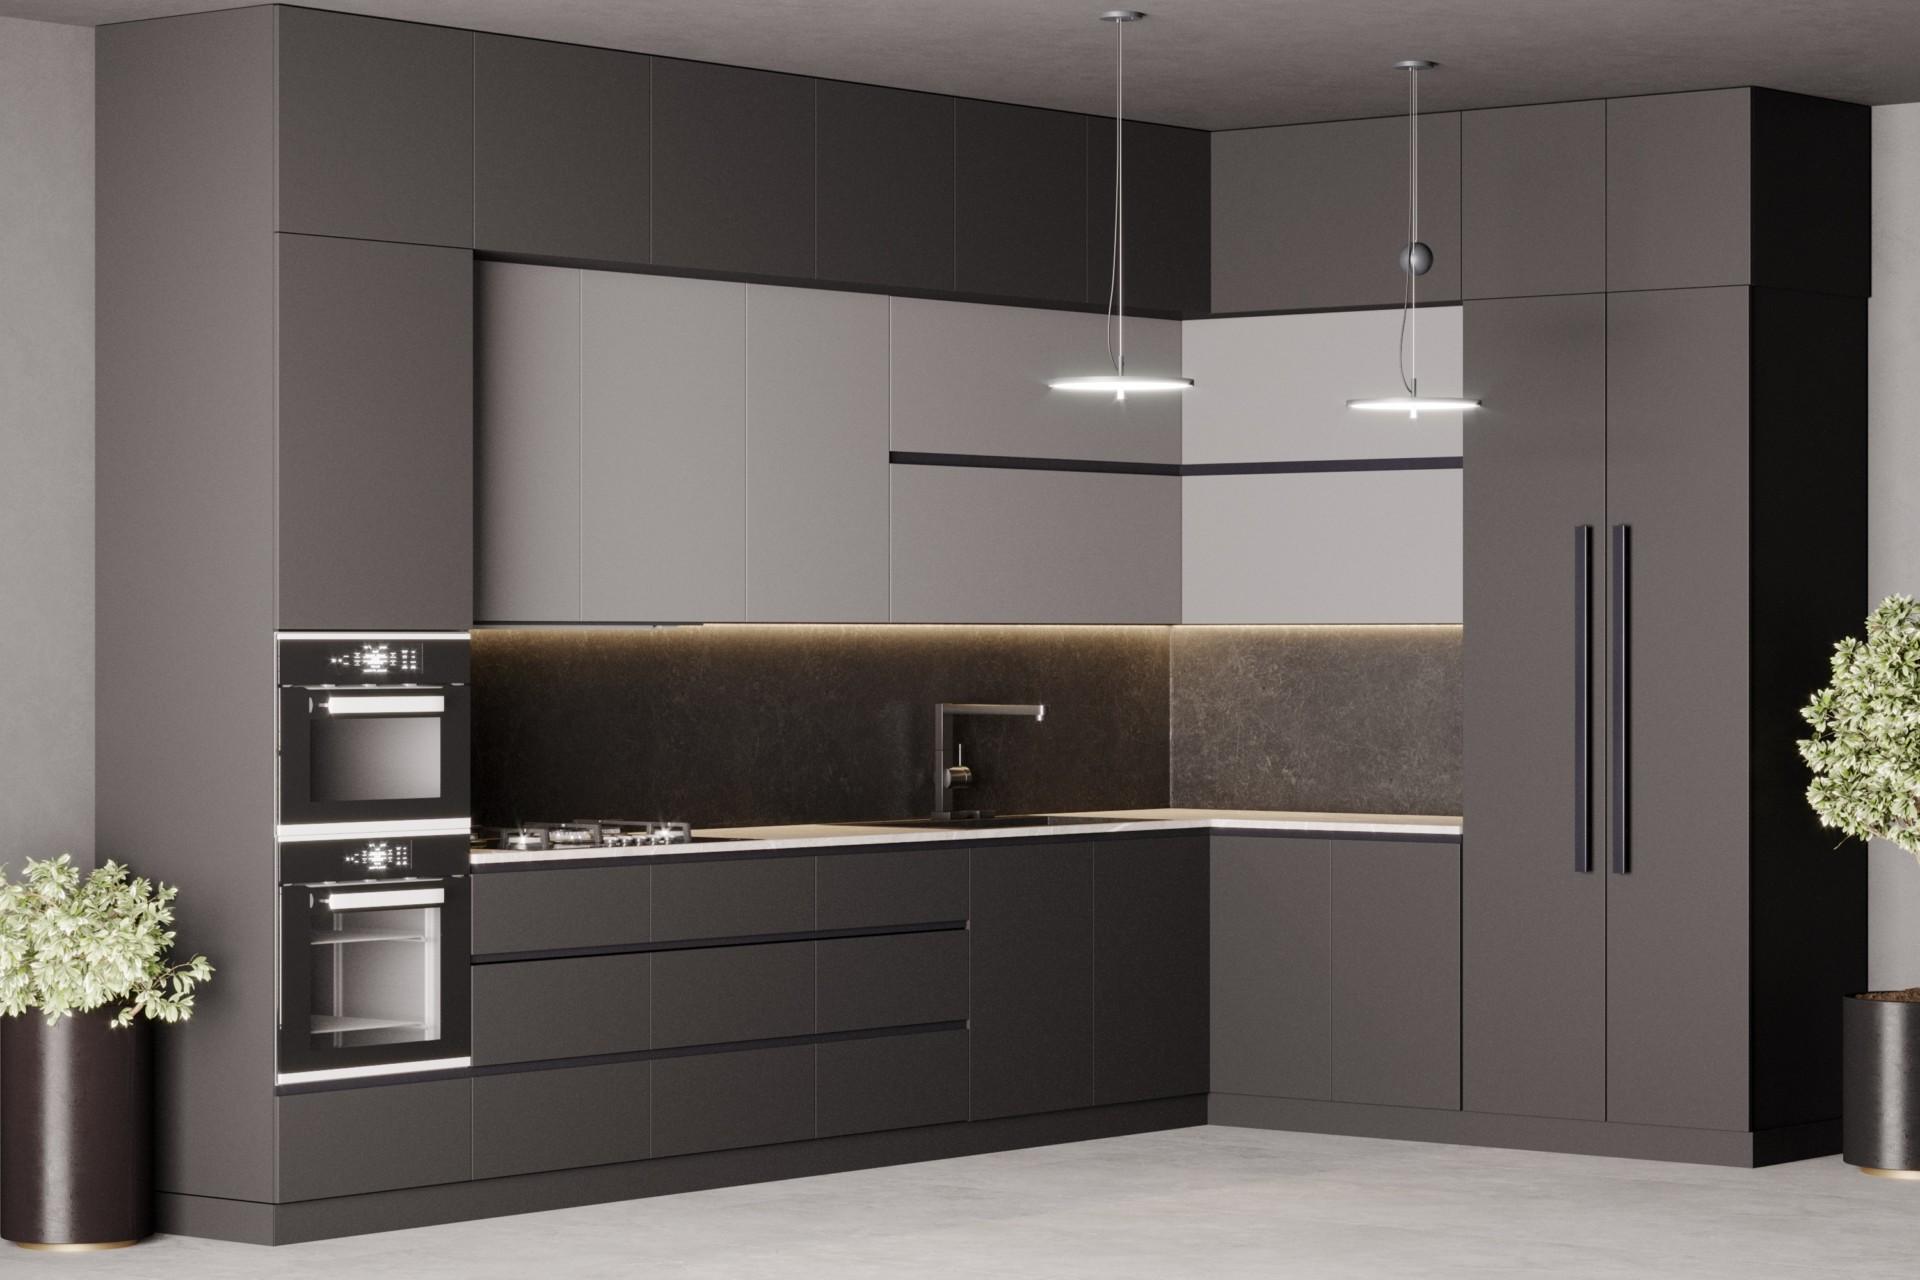 Кухня «Вулькано» матовая черно-серая без ручек